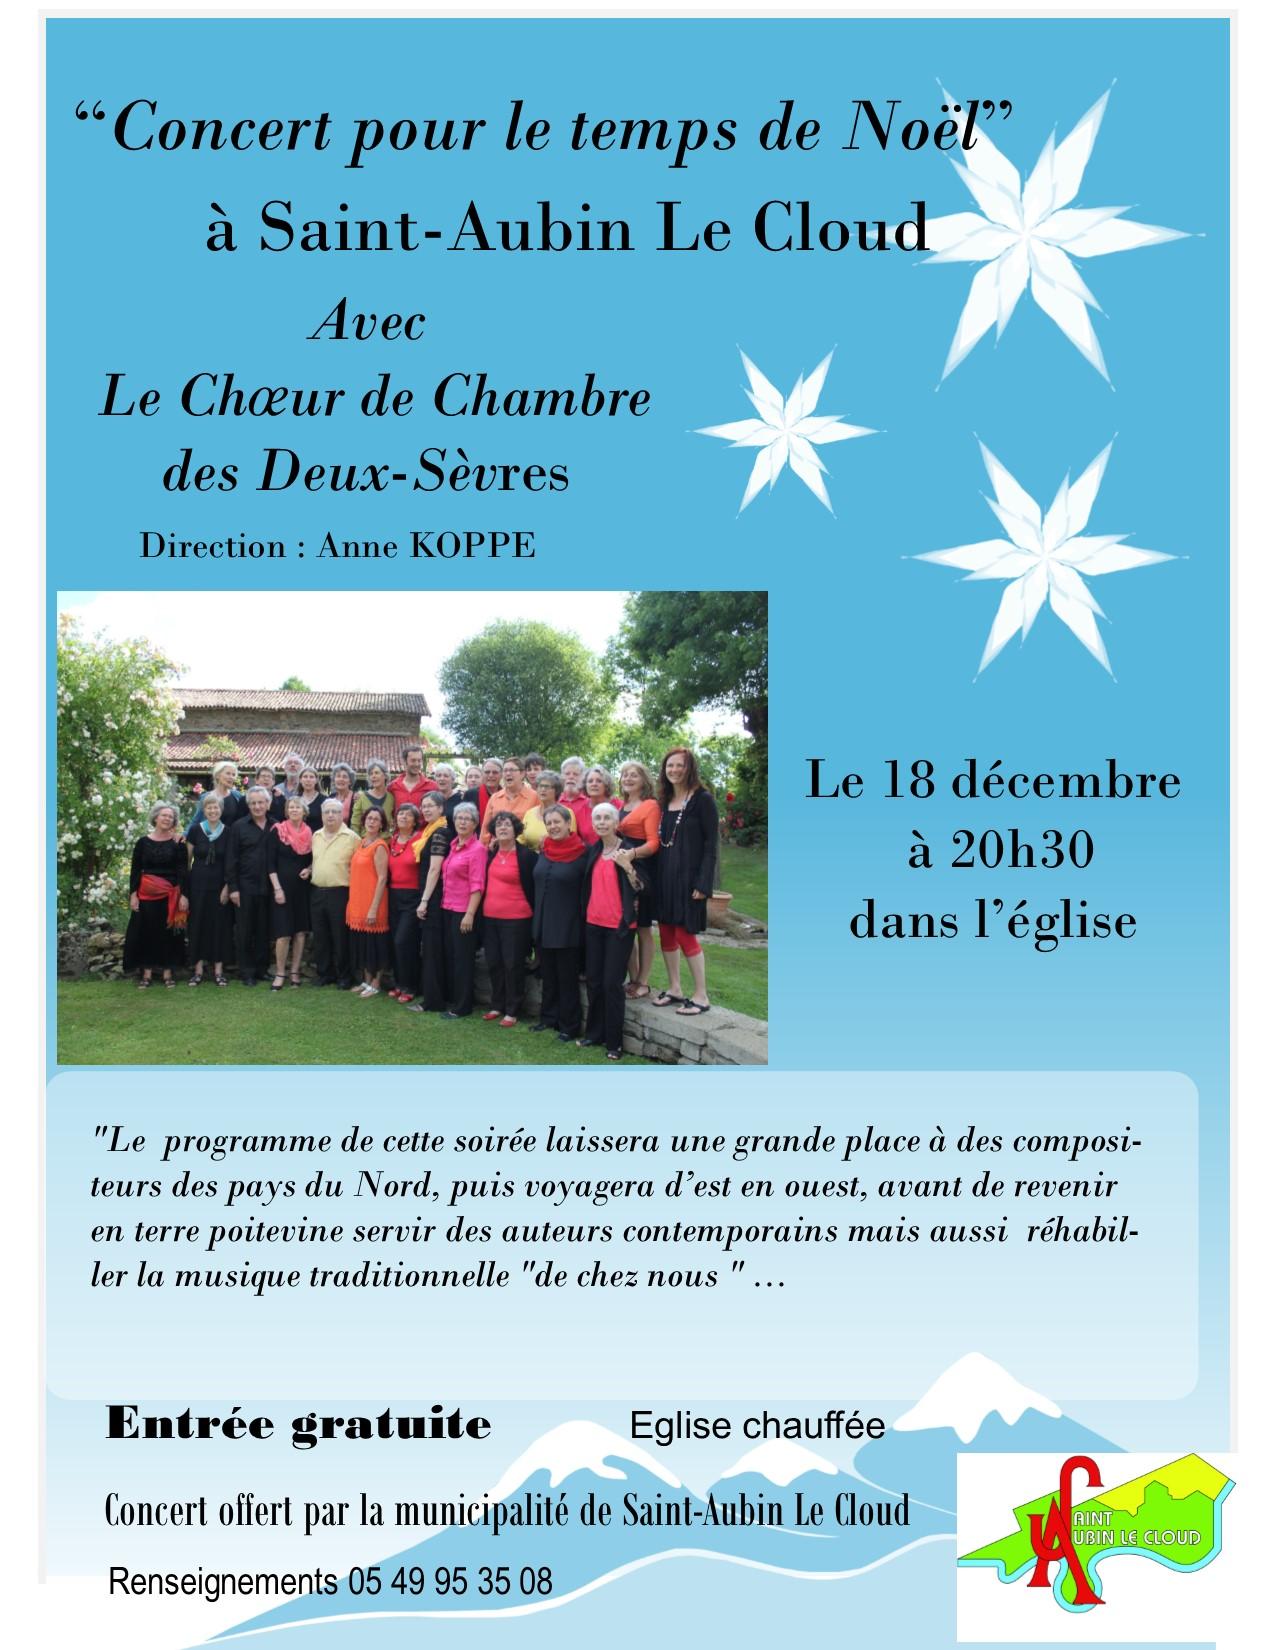 Saint-Aubin, decembre 2015